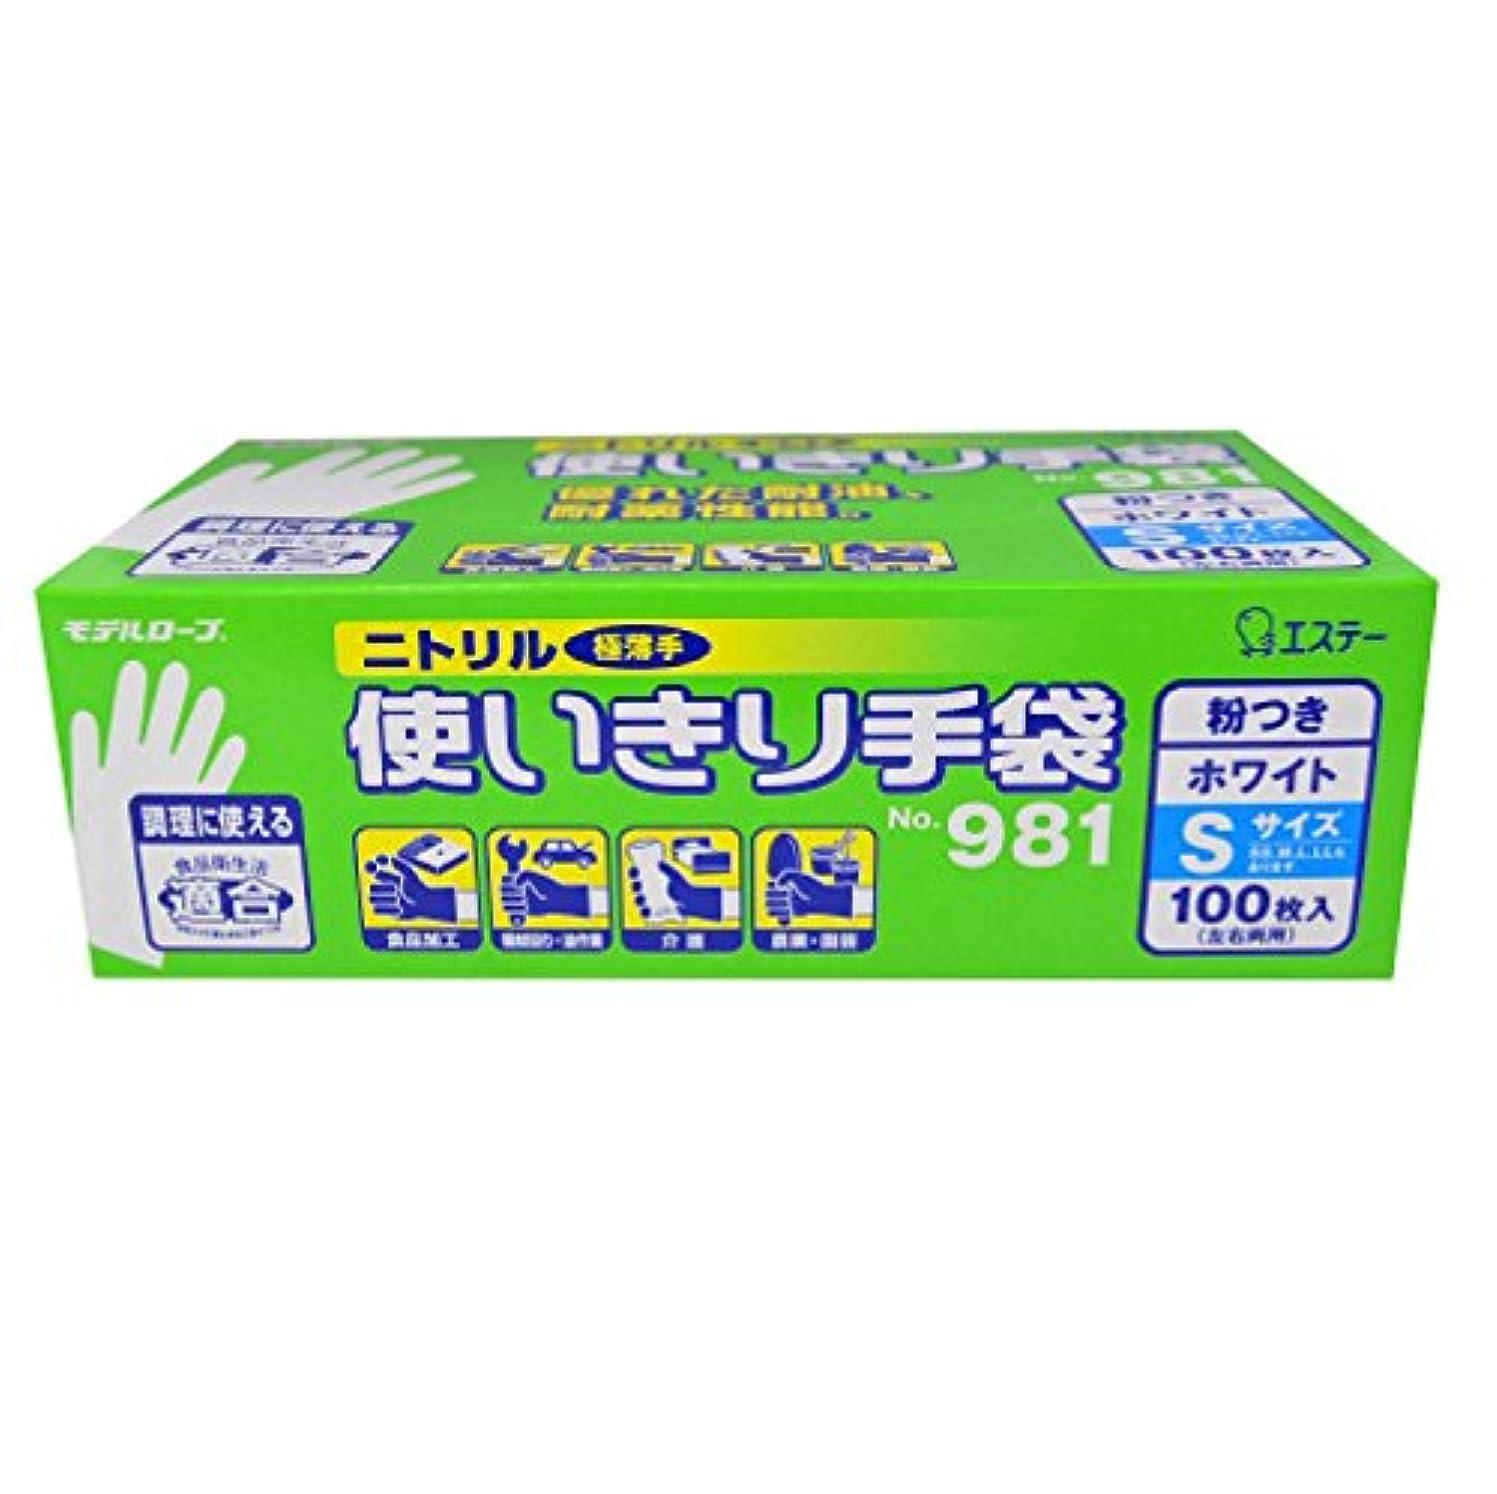 思い出バケット印象的エステー/ニトリル使いきり手袋 箱入 (粉つき) [100枚入]/品番:981 サイズ:M カラー:ブルー